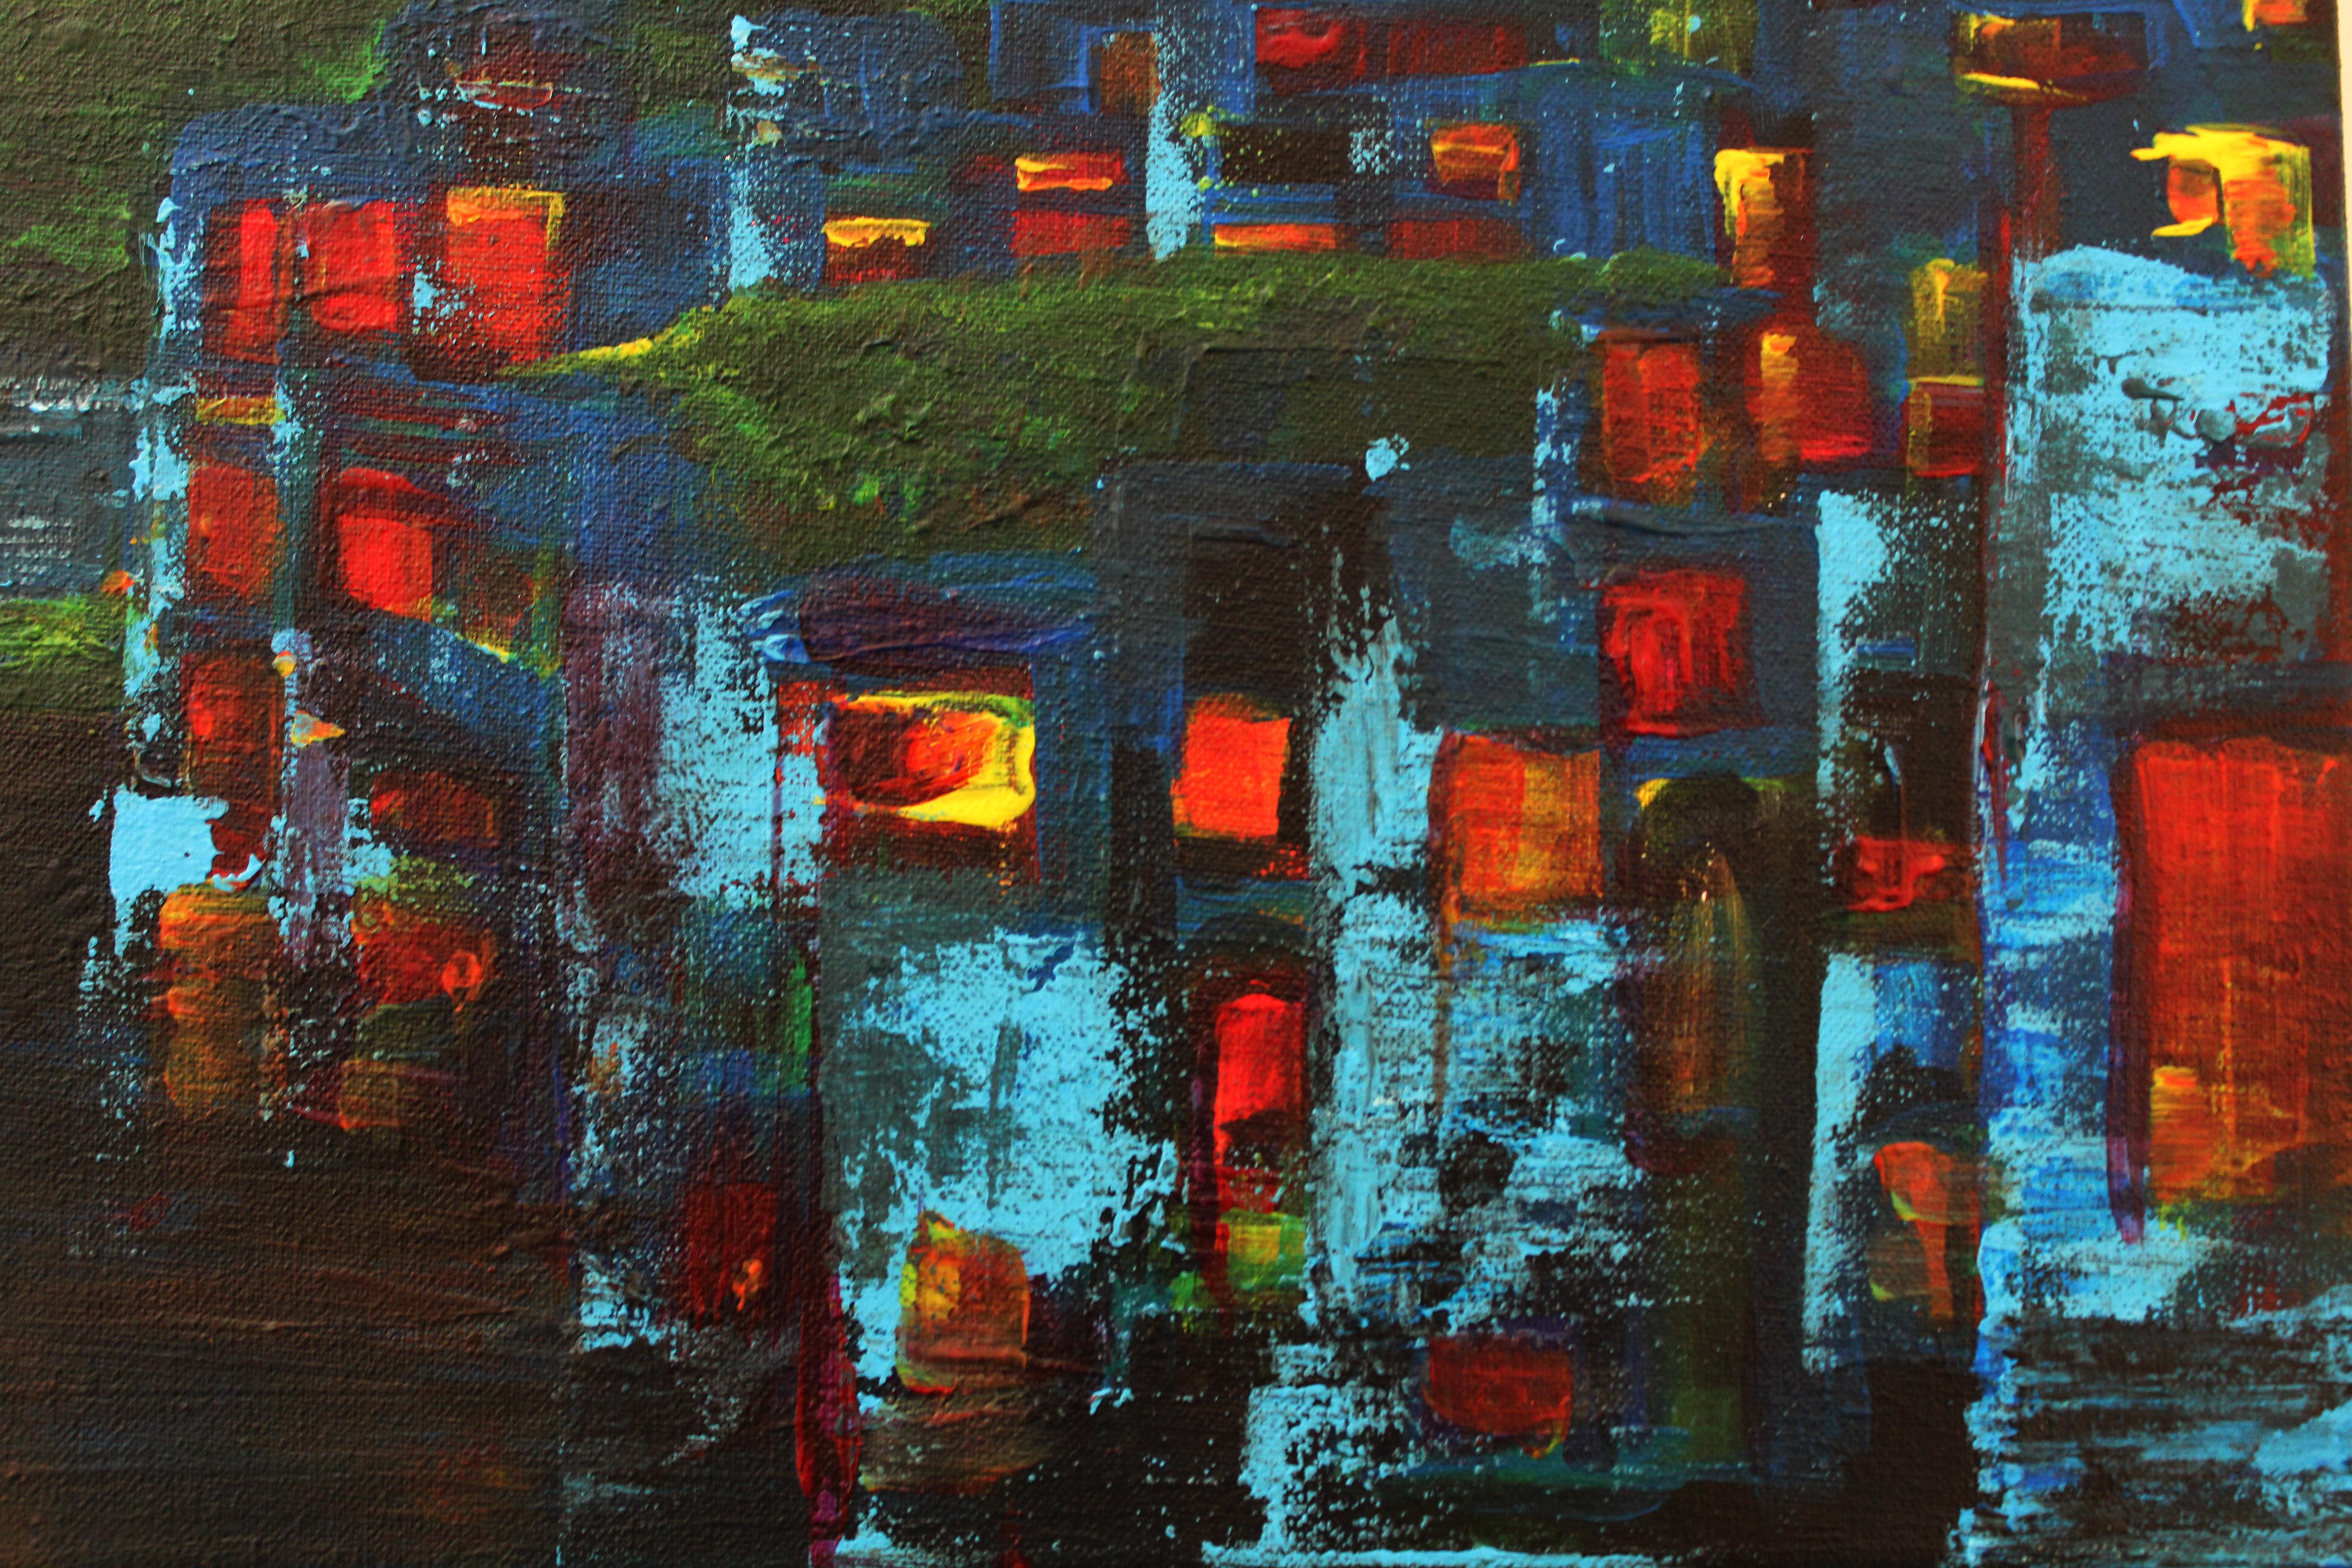 'Noche'